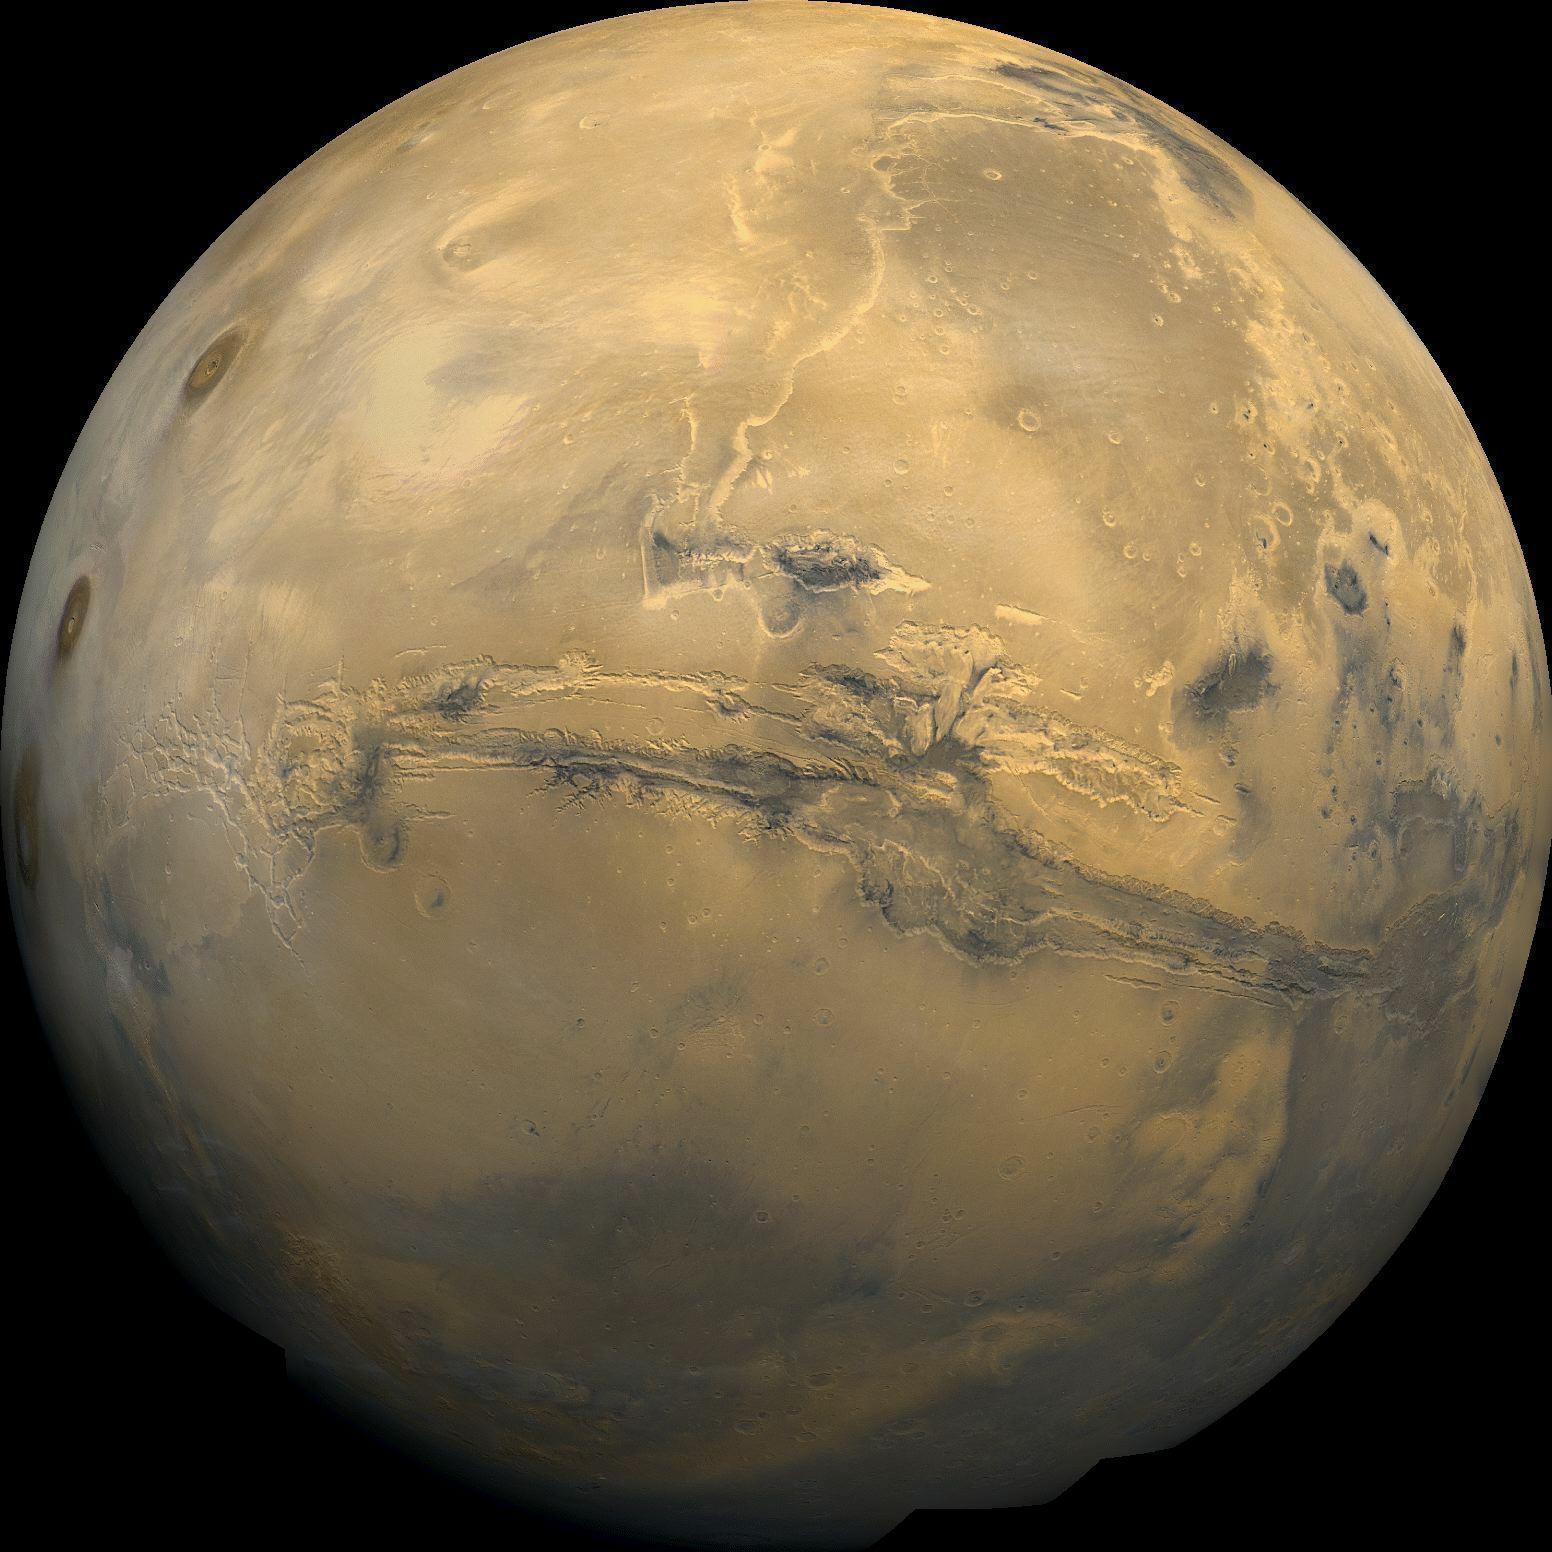 Mars_Valles_Marineris.jpeg